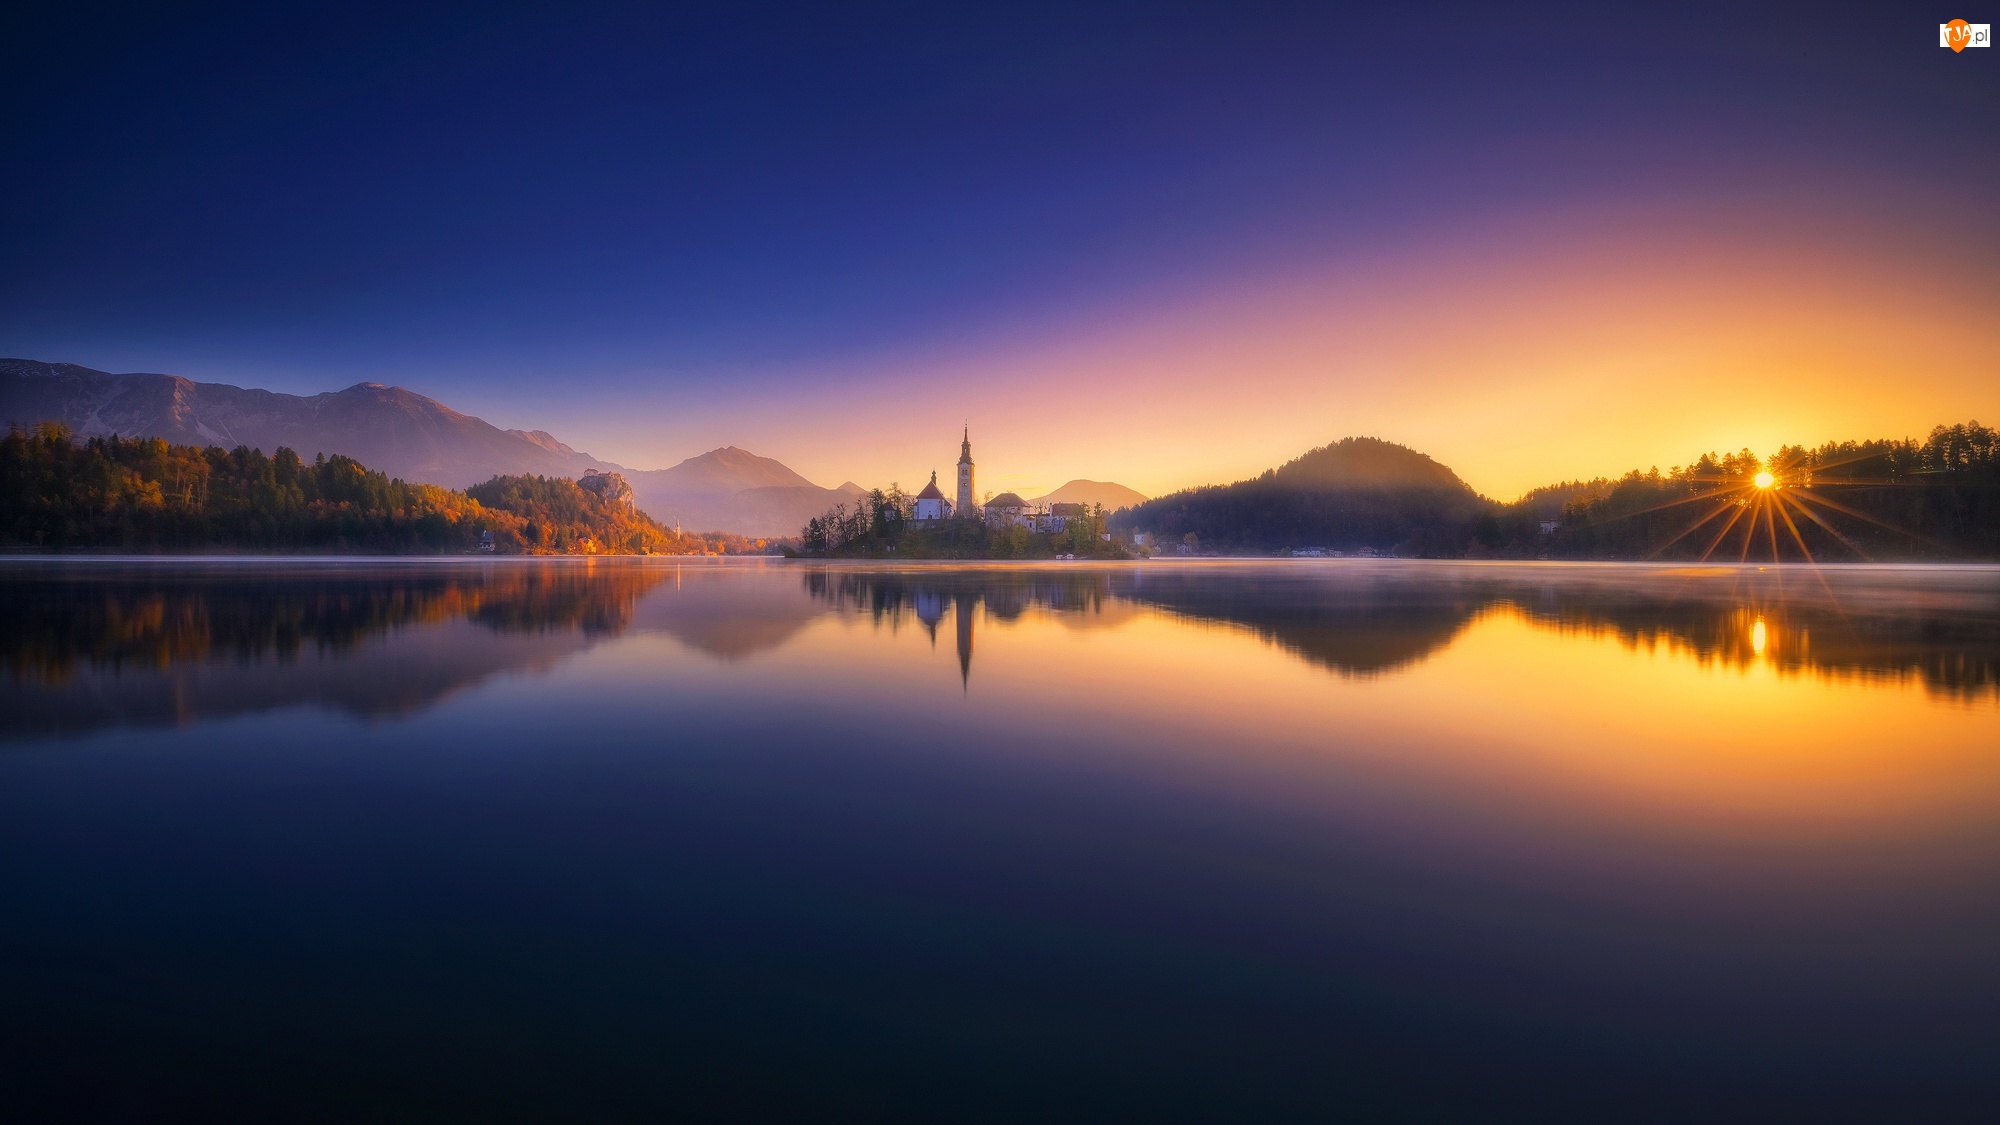 Wyspa Blejski Otok, Góry Alpy Julijskie, Promienie słońca, Słowenia, Zachód słońca, Kościół Zwiastowania Marii Panny, Jezioro Bled